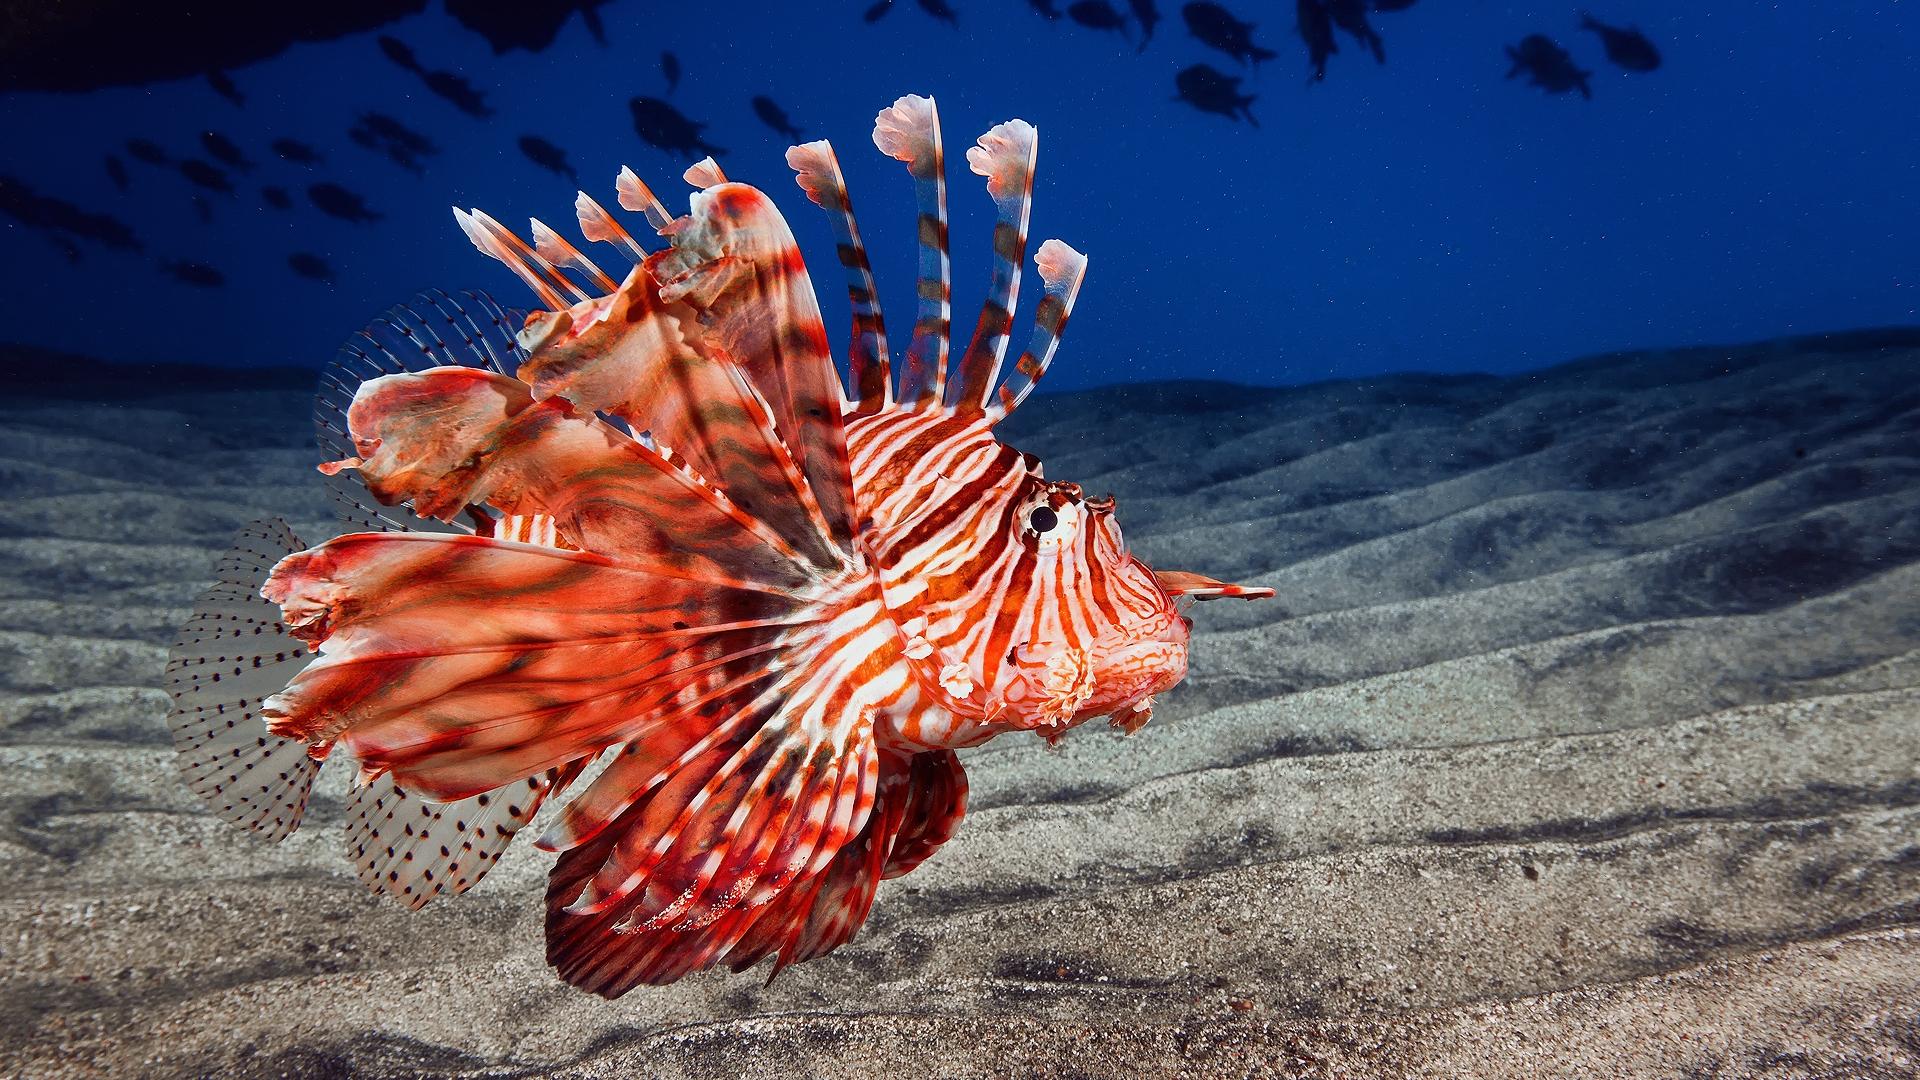 Orange Fantastic Fish In The Ocean Waters